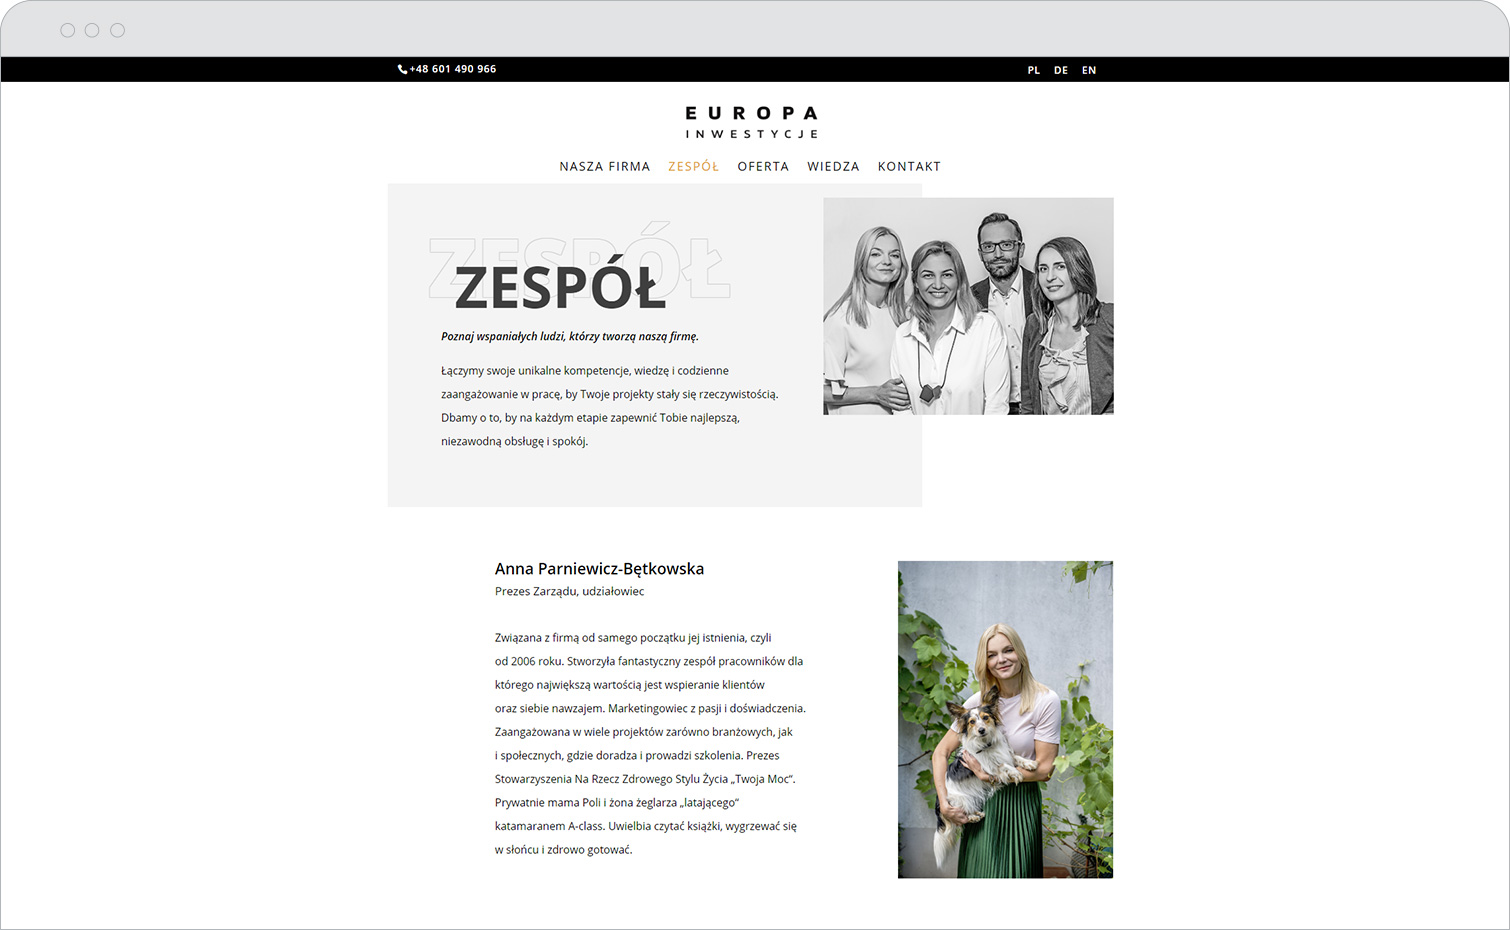 Strona internetowa Europa inwestycje podstrona zinformacjami ozespole